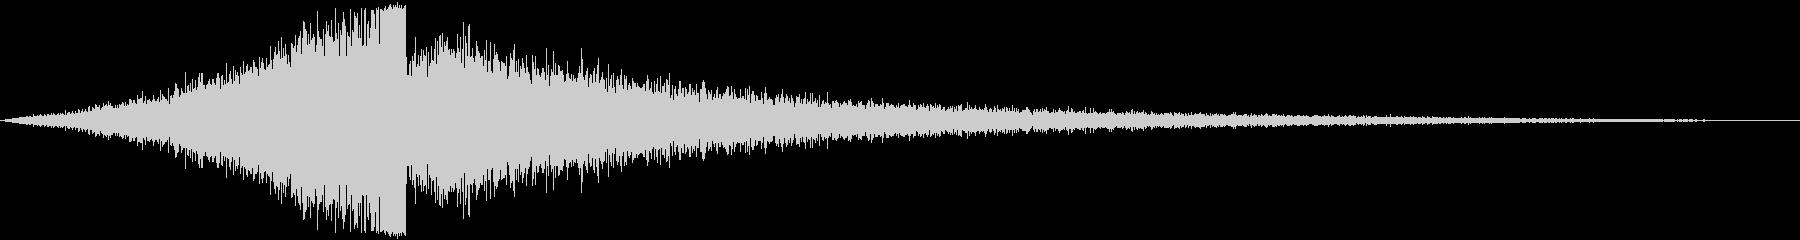 【タイトル】ダークシンセサウンド_08の未再生の波形